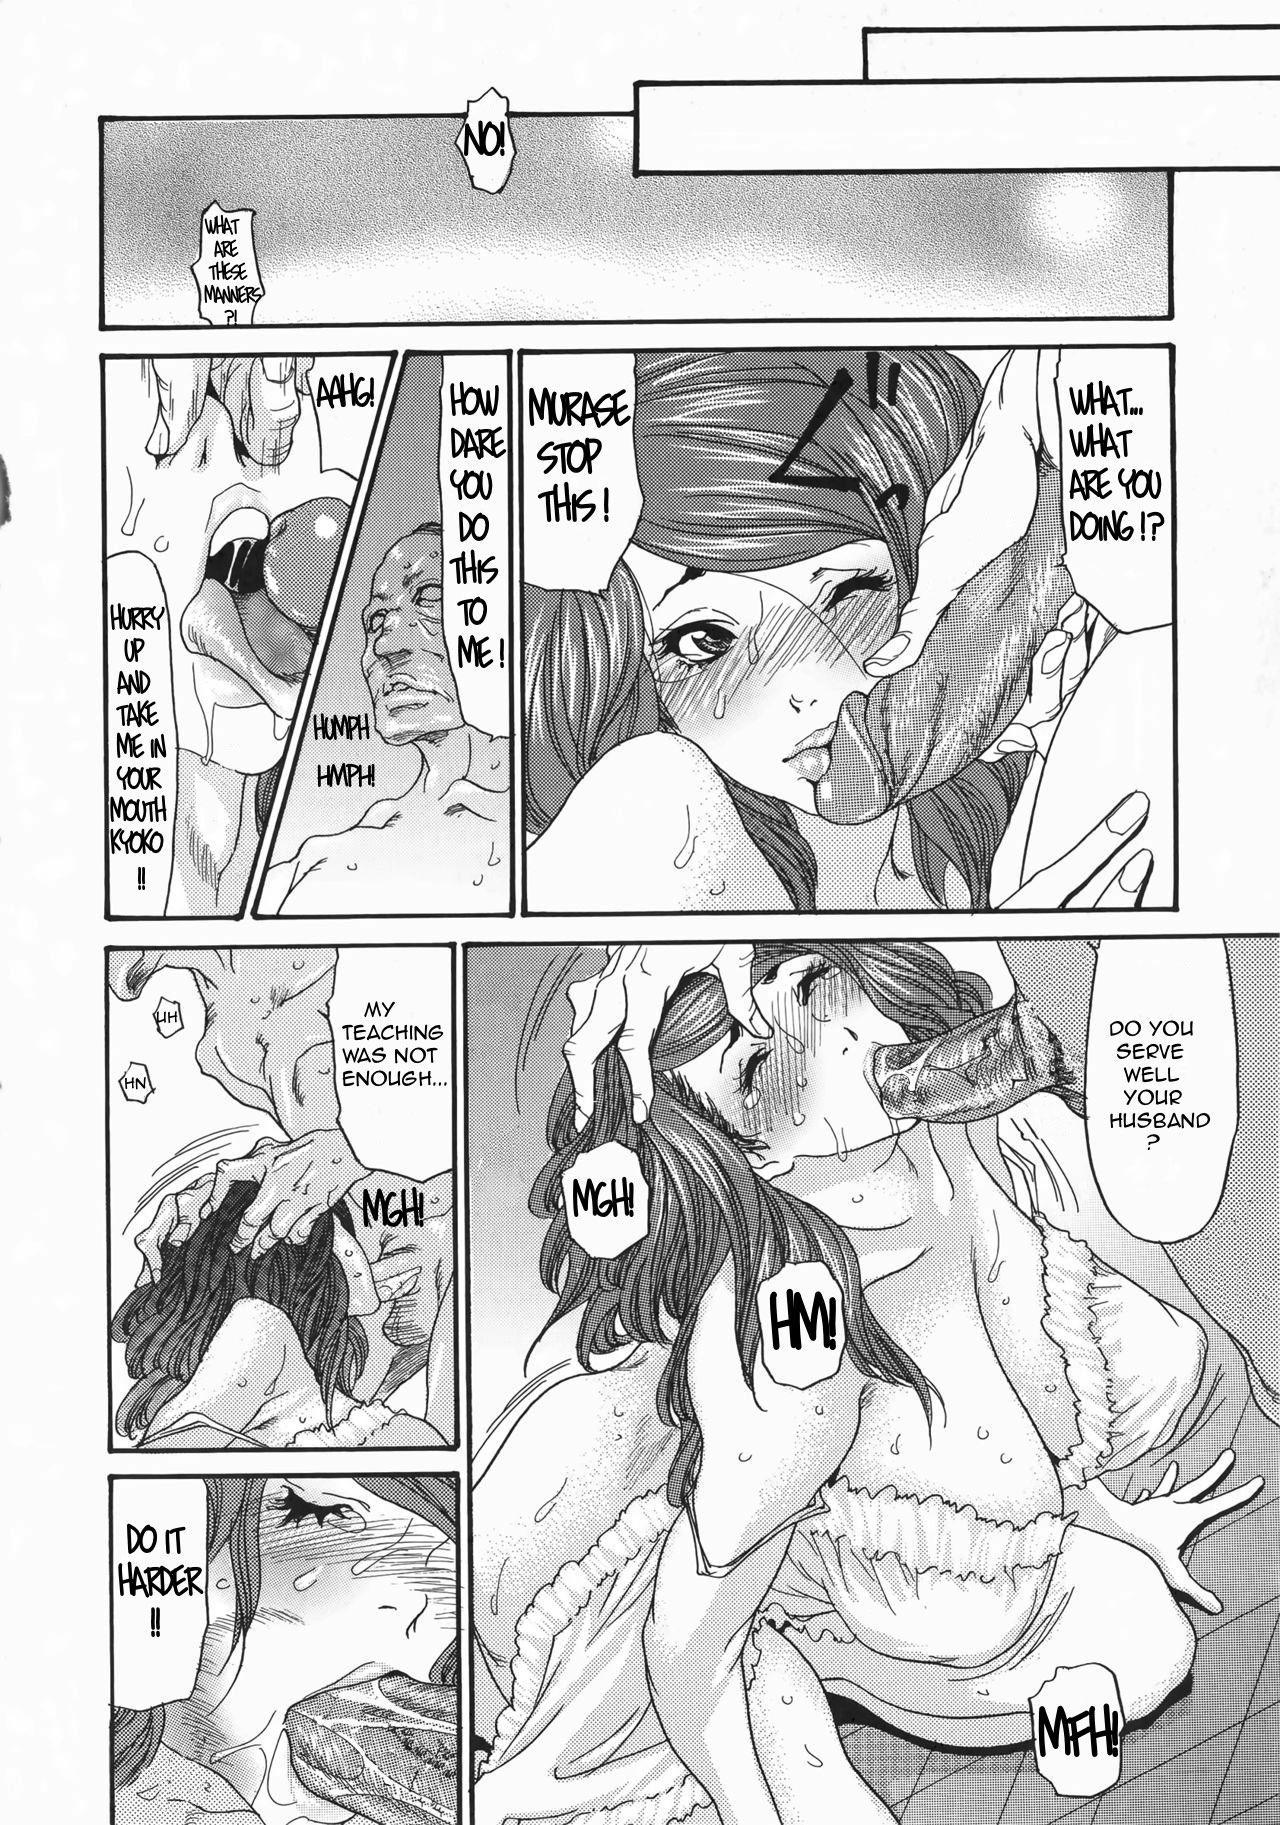 [Aoi Hitori, Izayoi Seishin, Yamasaki Masato] Metamorphose ~Celeb Zuma no Seien~ Ch. 1-8 [English][Decensored] [R-IC] 149